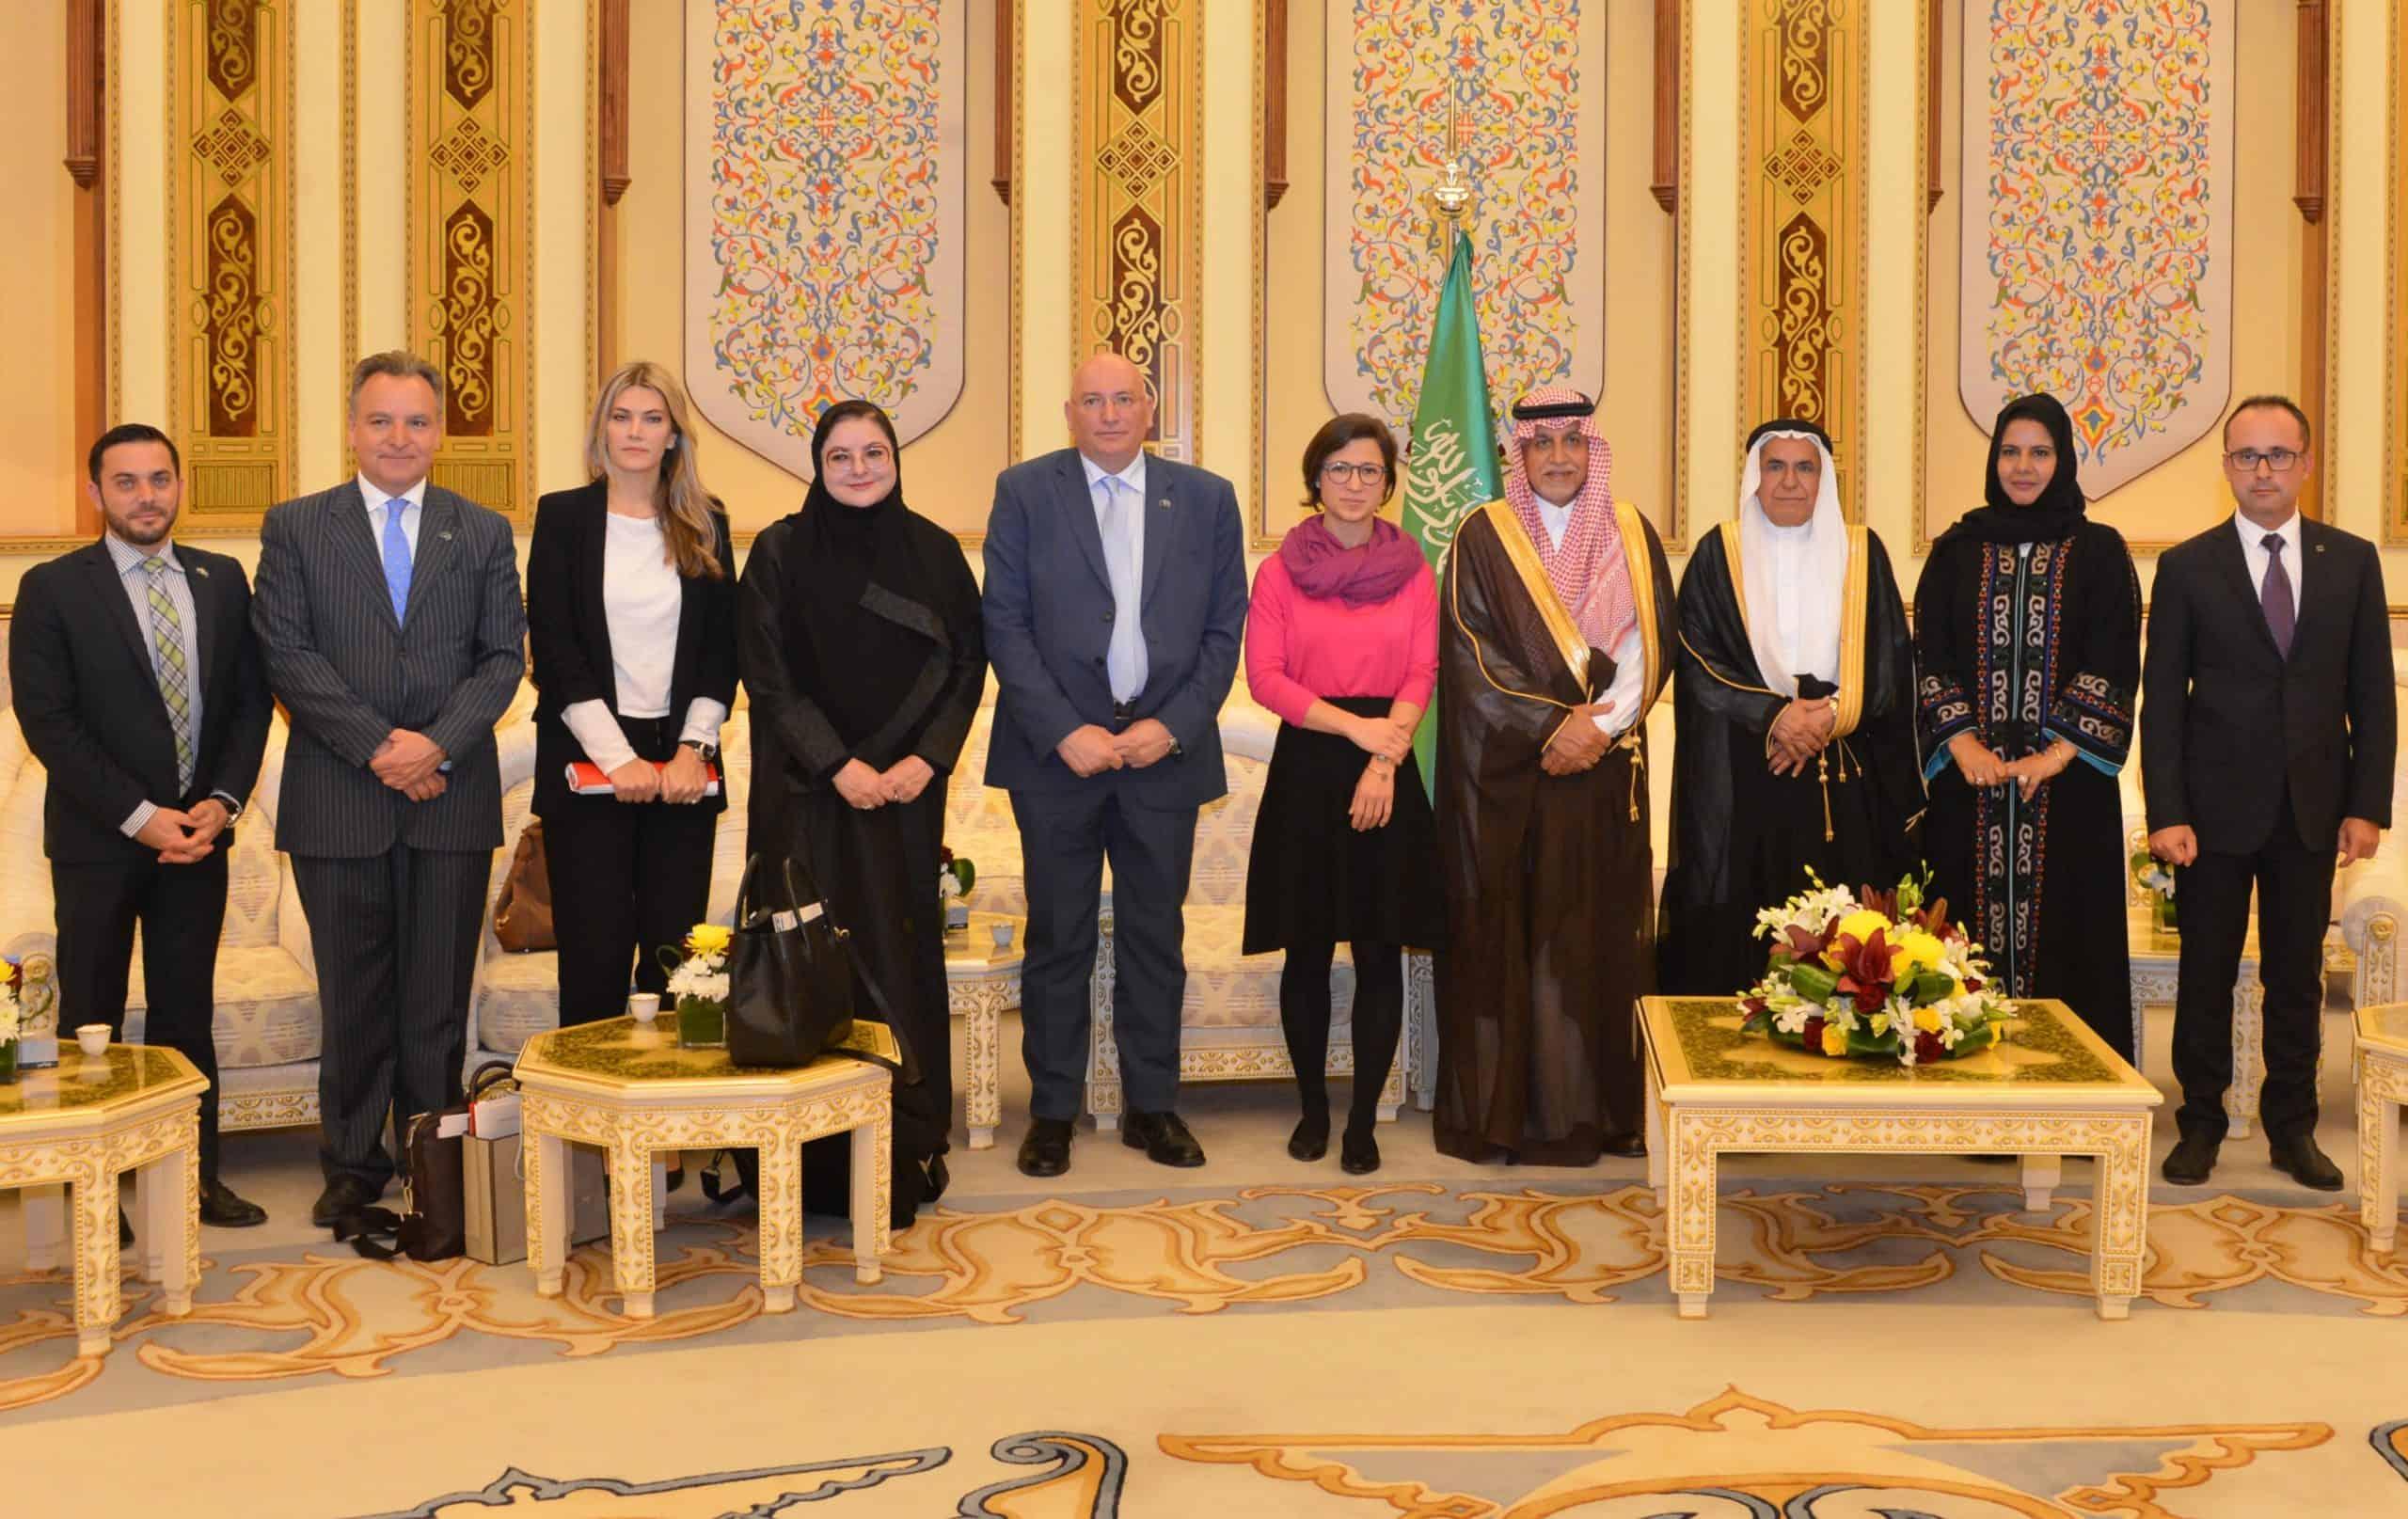 Freundschaftsausschusses des Schura Councels mit der Delegation des Europäischen Parlaments